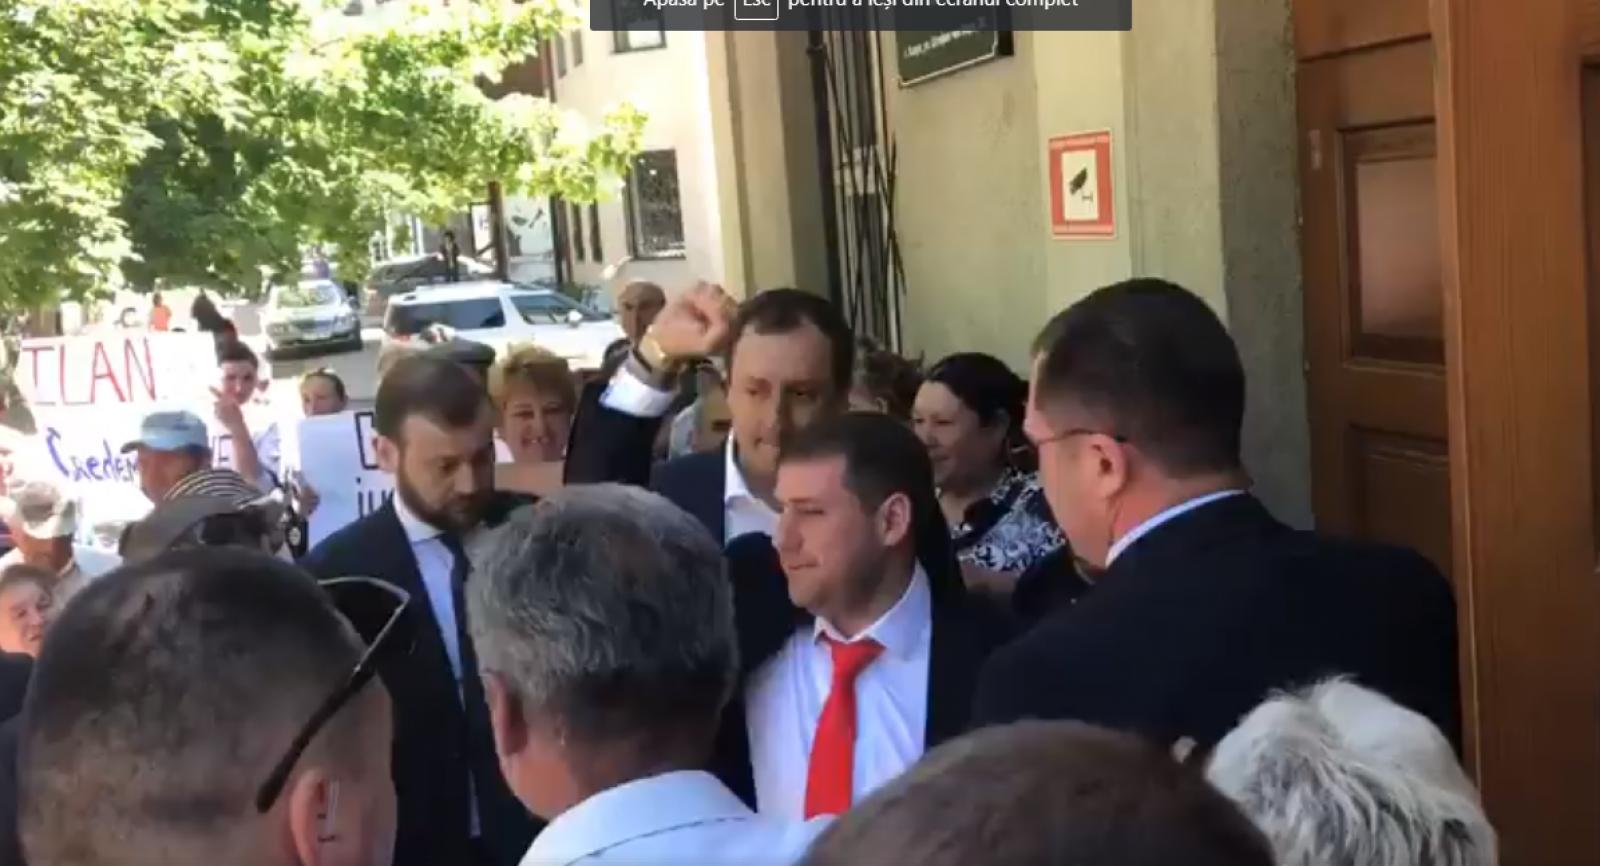 (video) O nouă ședință de judecată în dosarul Ilan Șor la Curtea de Apel din Cahul.  Zeci de susținători prezenți